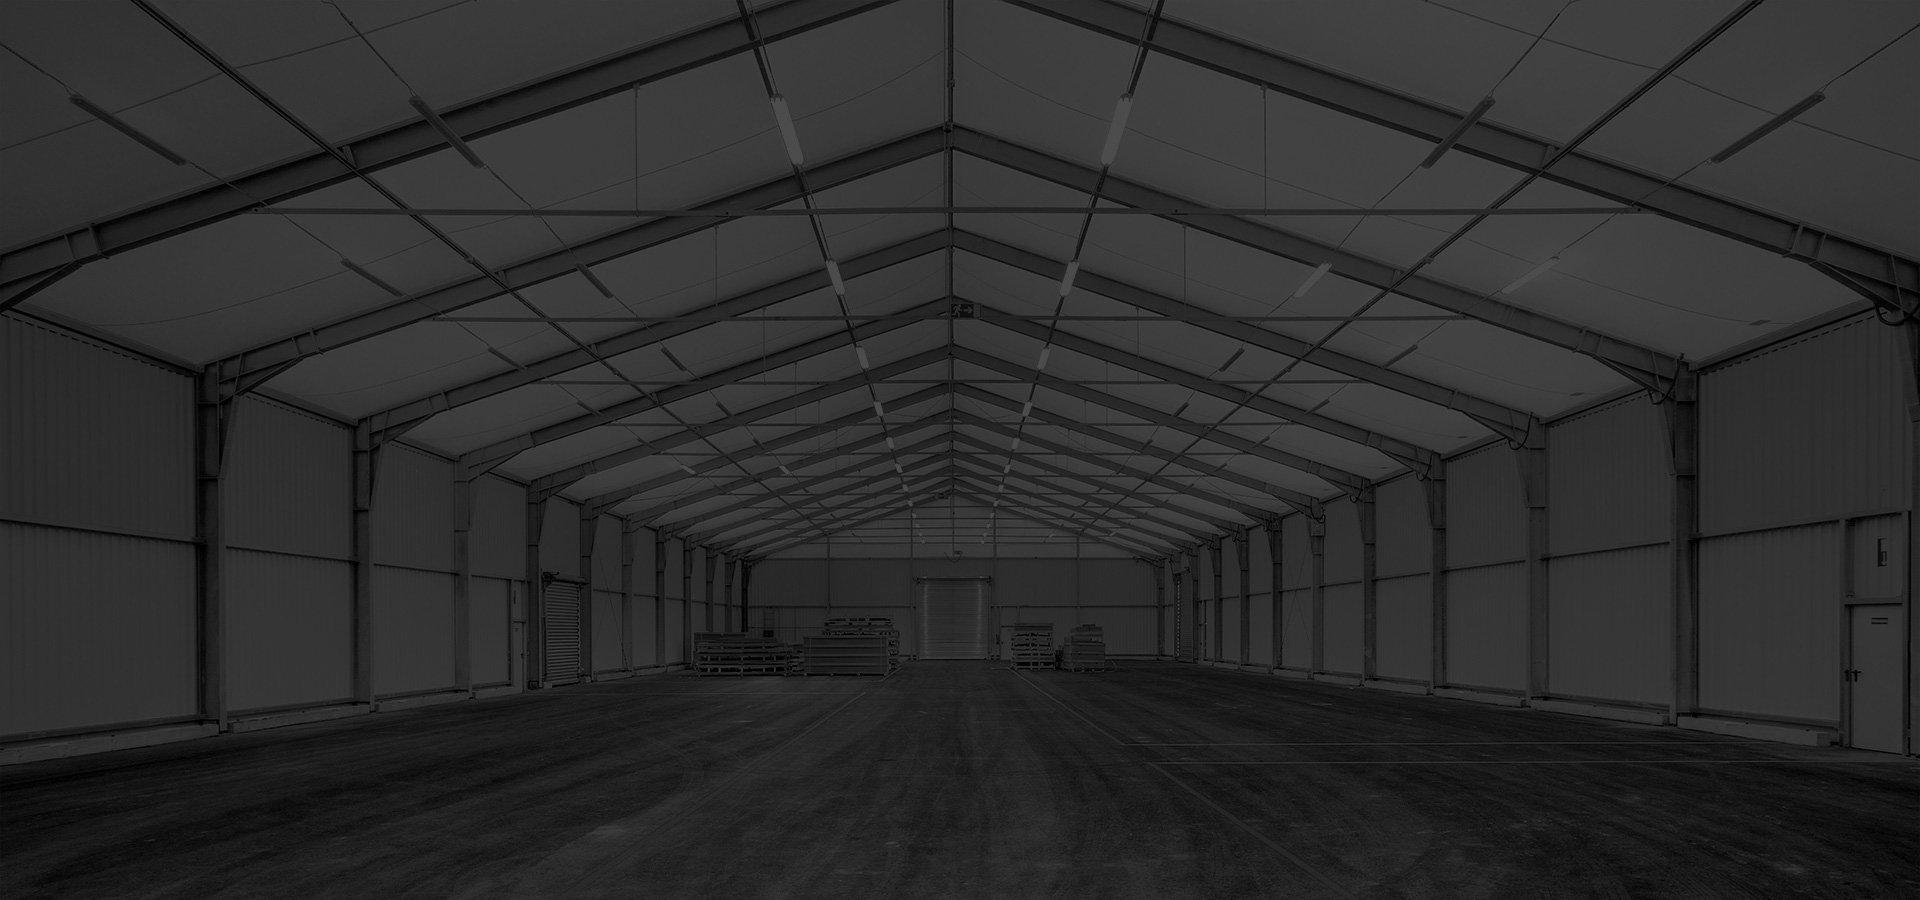 Höcker | Lagerhallen & Leichtbauhallen Mieten / Kaufen